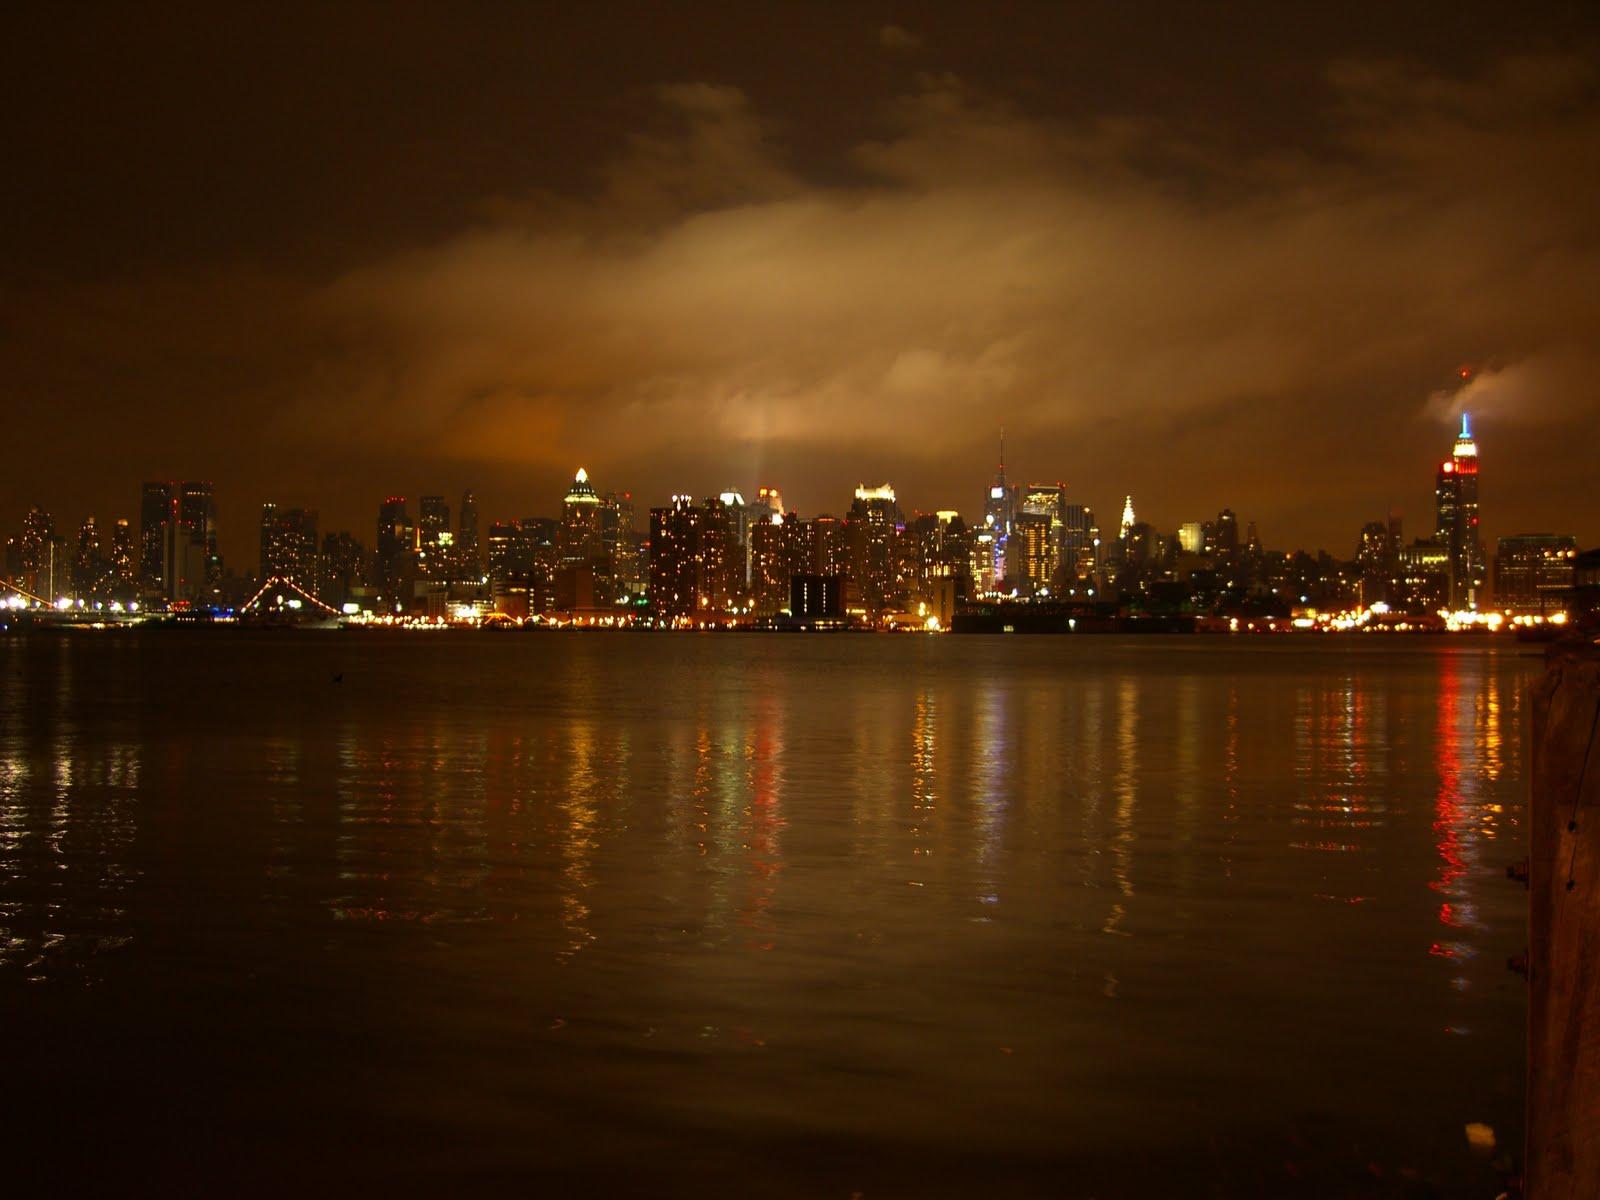 http://2.bp.blogspot.com/-iQdPTBCDIg8/TgPFoTJF3JI/AAAAAAAACDc/9B6PaemnZog/s1600/newyorkcitywallpapers2.jpg